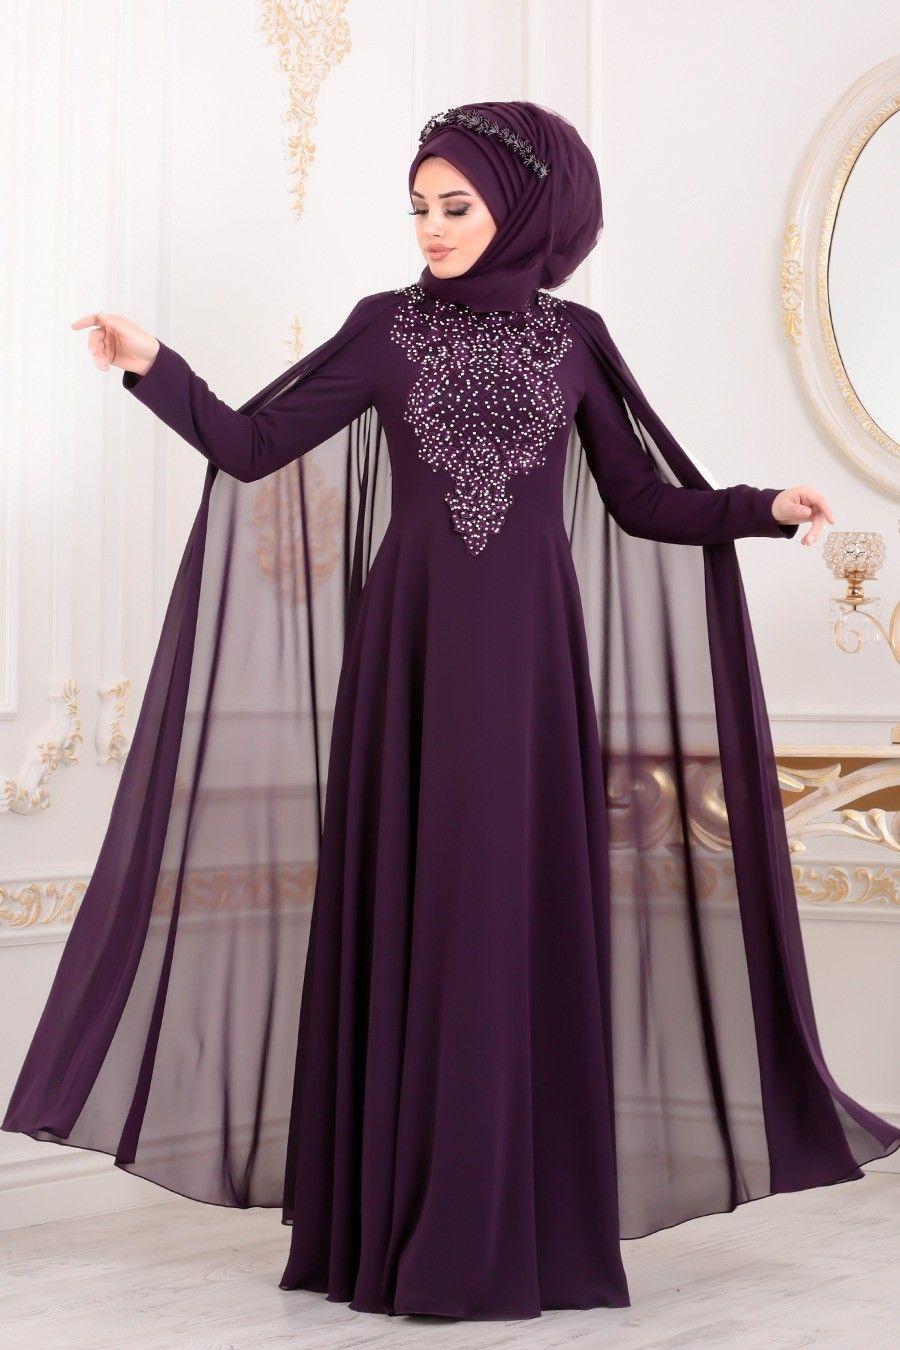 Tesetturlu Abiye Elbise Pelerinli Mor Tesettur Abiye Elbise 20710mor Tesetturisland Com Elbise Giyim Elbise Modelleri